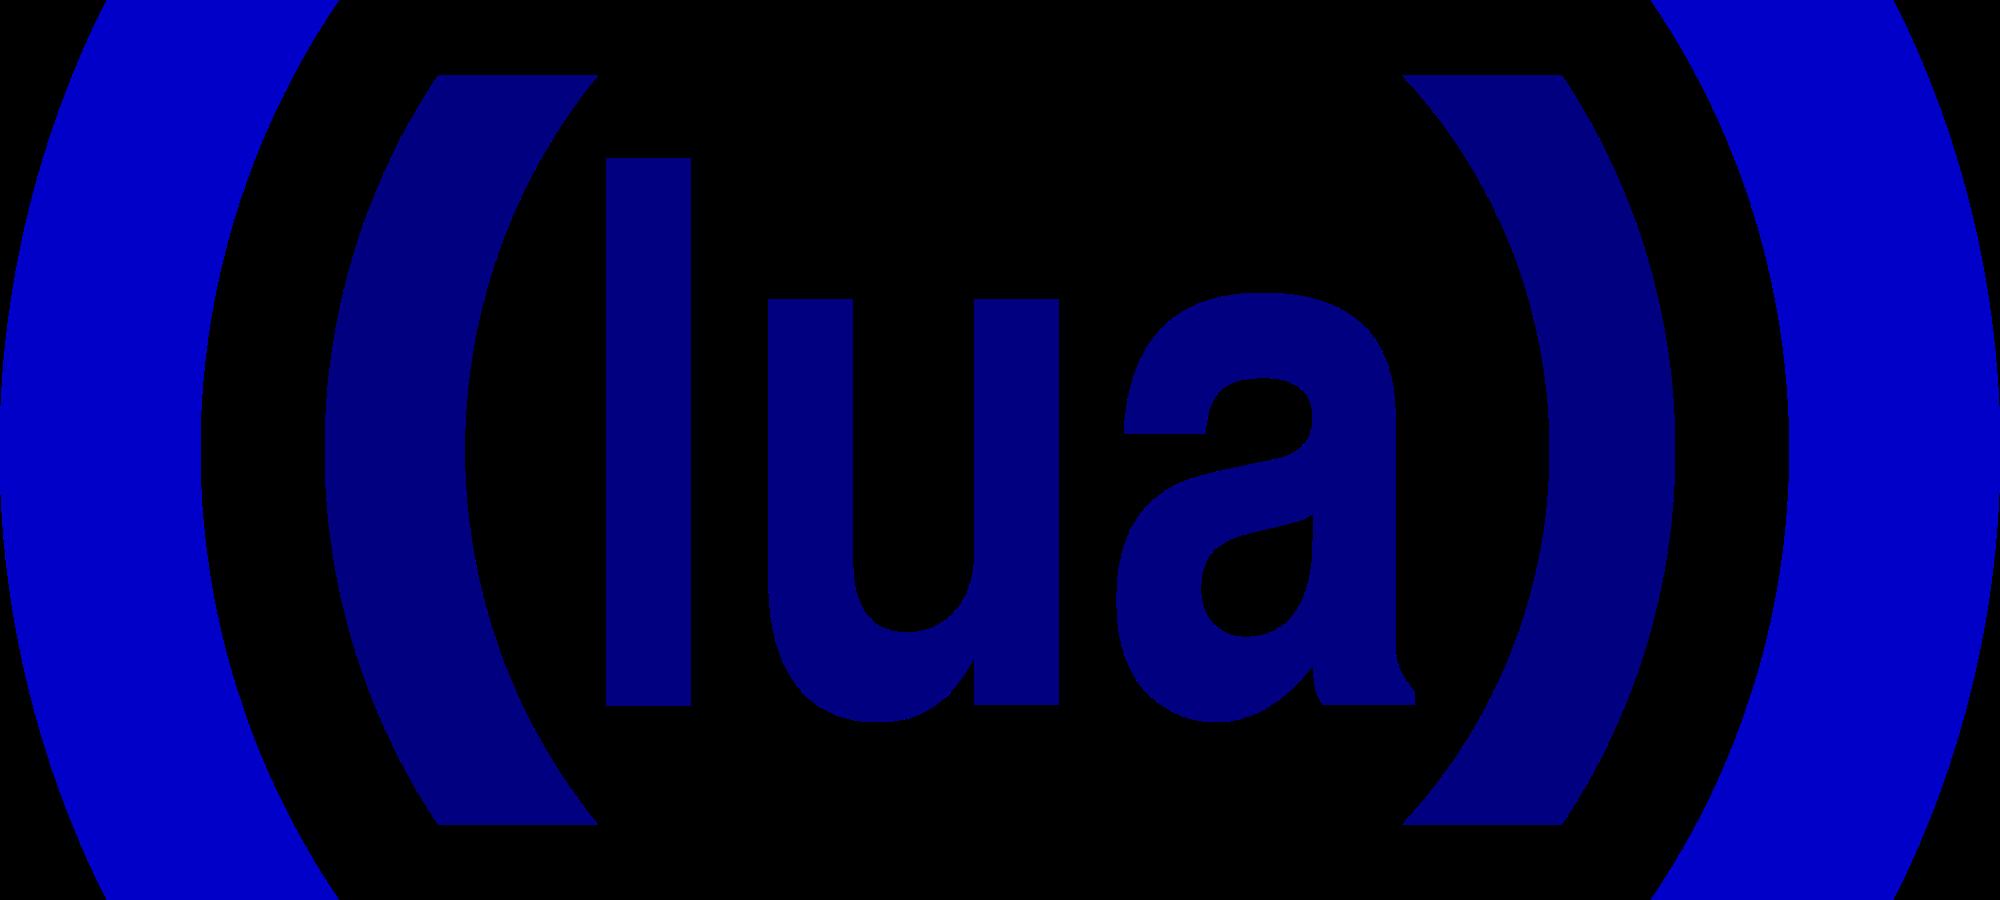 Lua svg #17, Download drawings